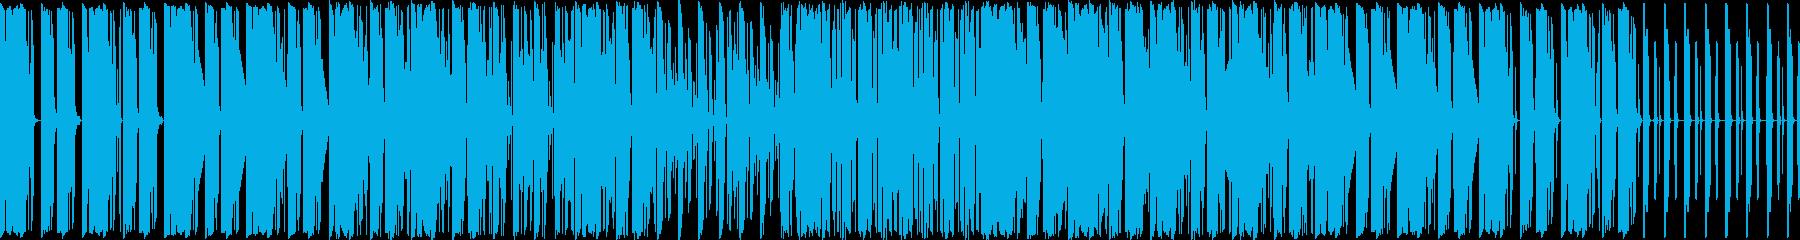 ドラムとベースが主体の曲ですの再生済みの波形